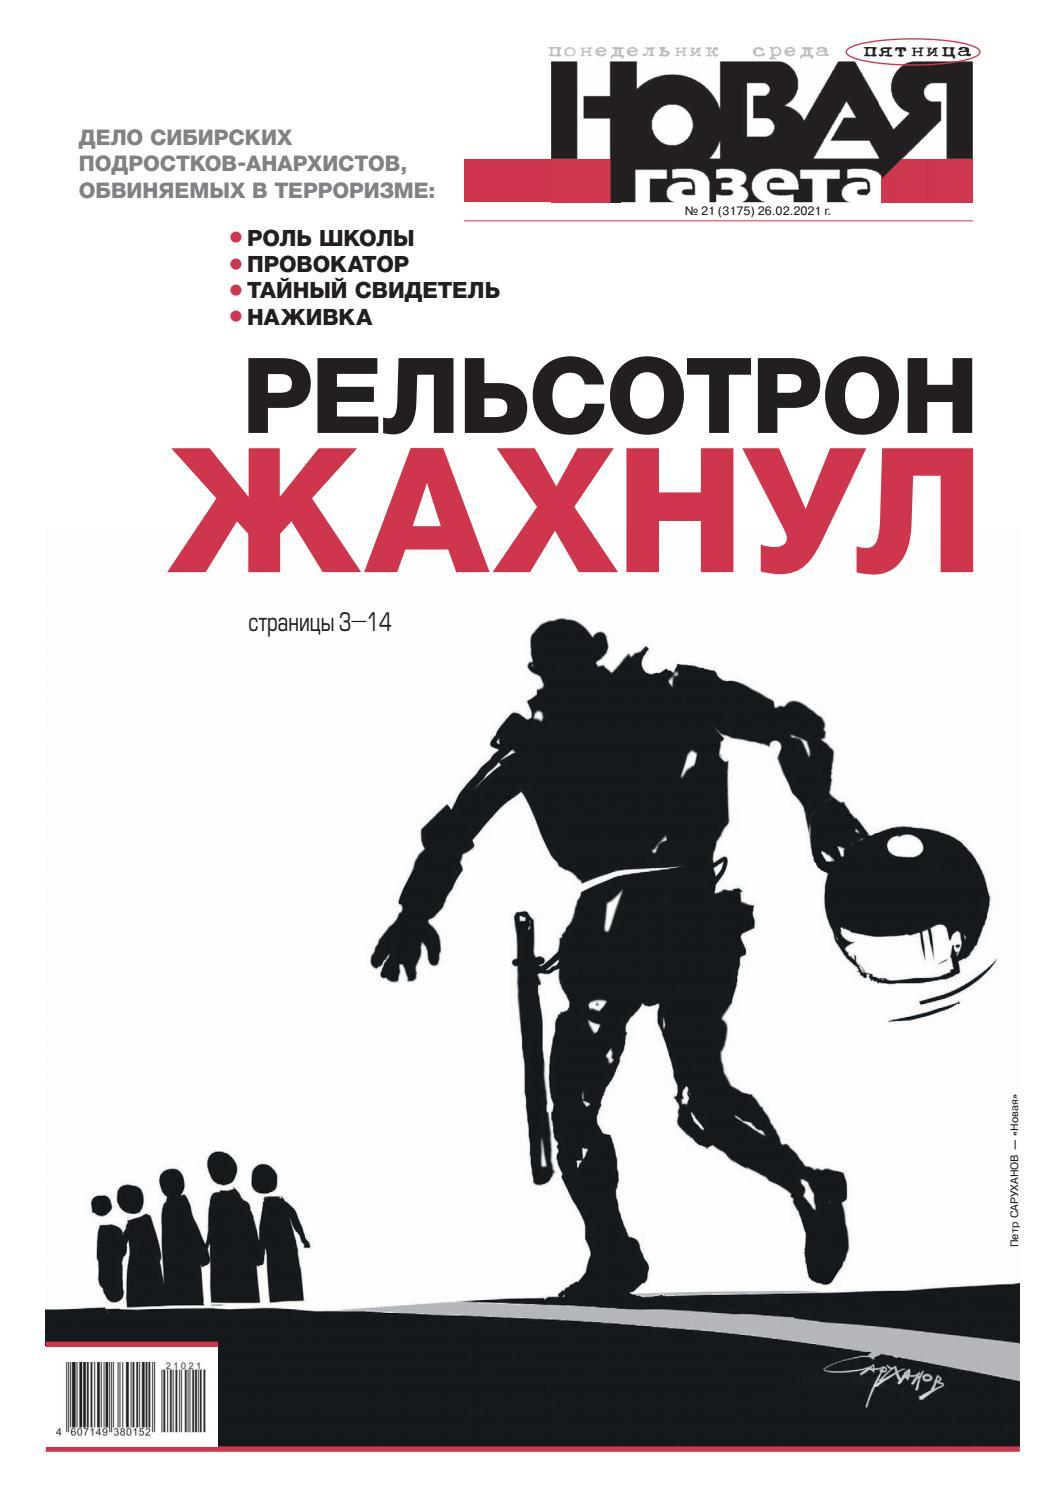 Новая газета №21, февраль 2021